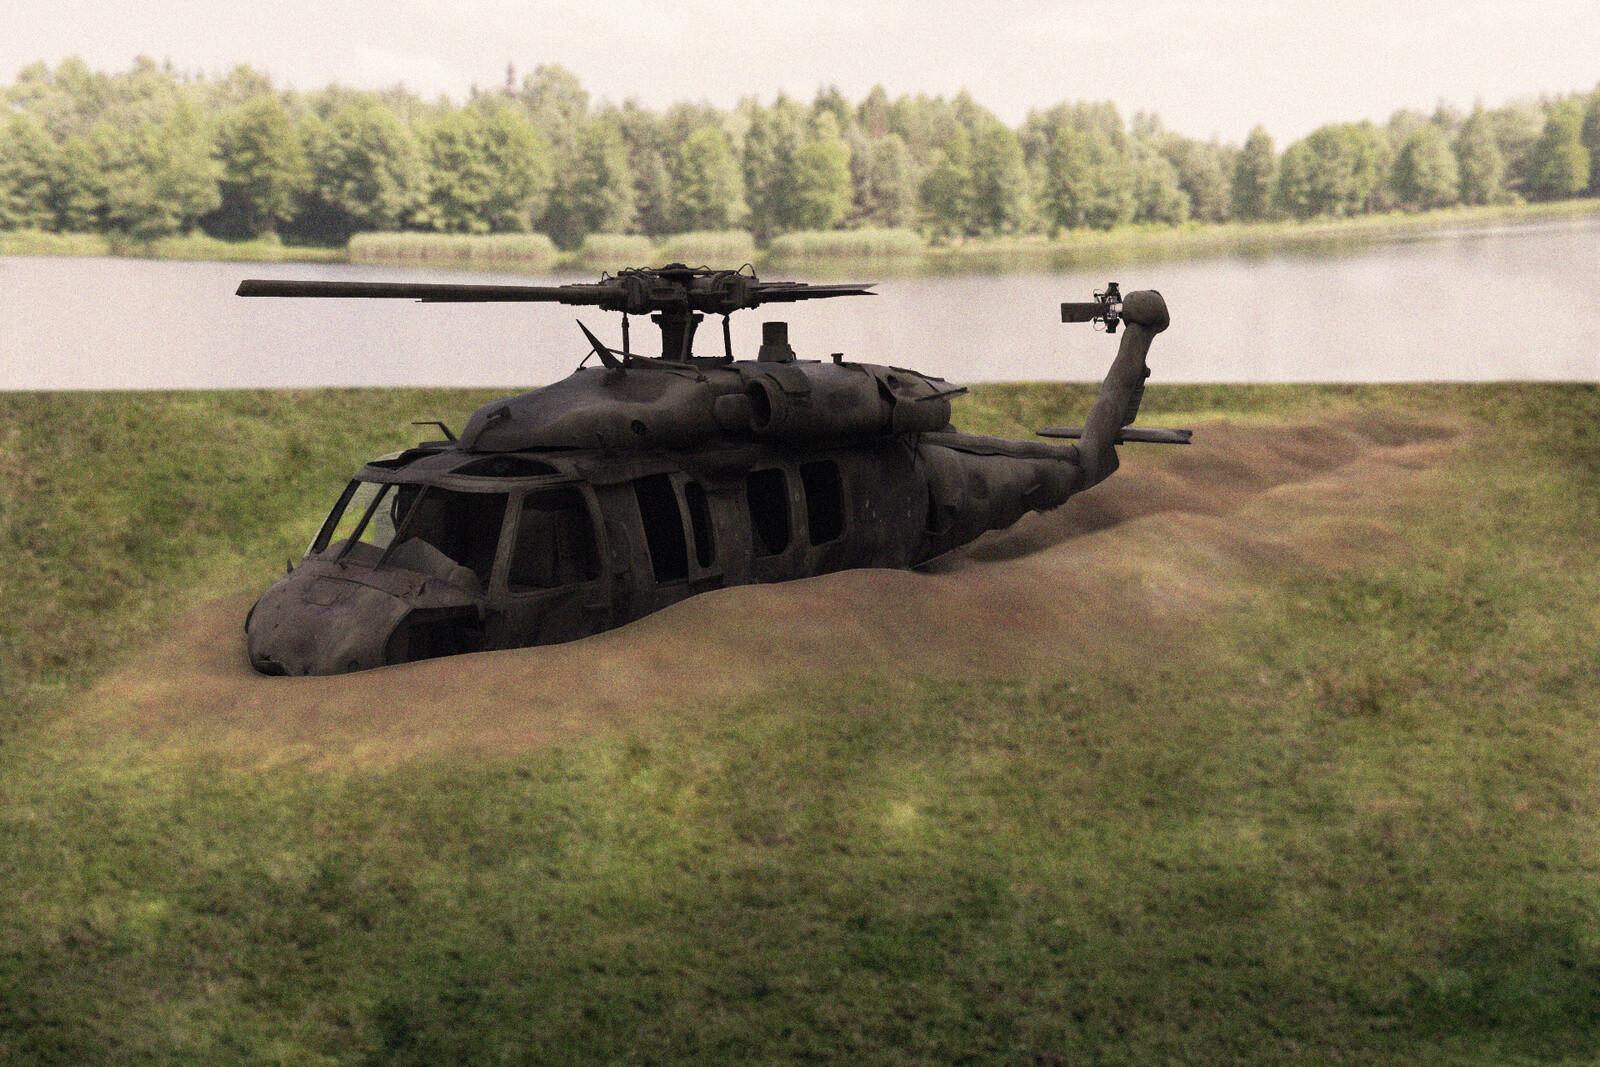 Crashed Black-hawk Helicopter